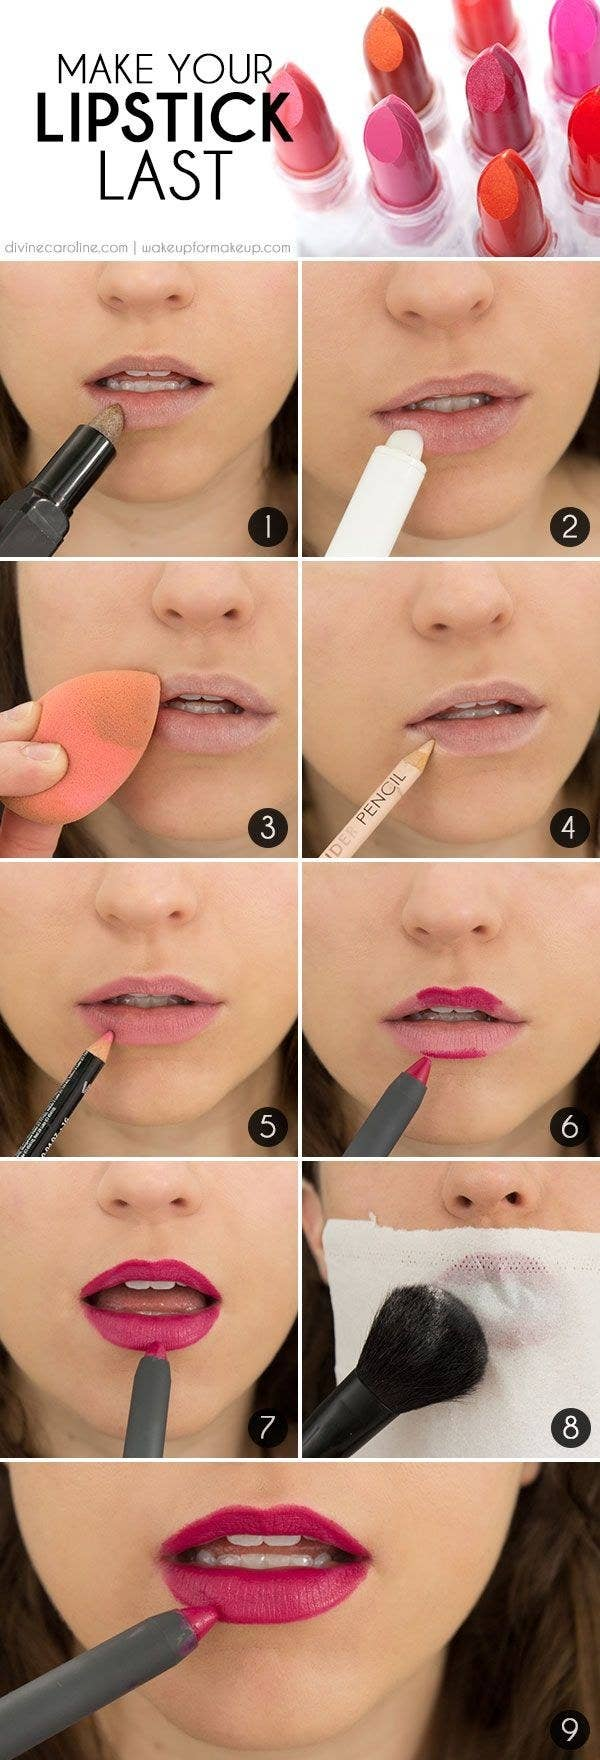 Antes de comenzar a delinear con tu lápiz de color, marca tu boca por fuera con un lápiz nude. Una vez que termines con tu lipstick, coloca un kleenex en tu boca y aplica polvo traslúcido.